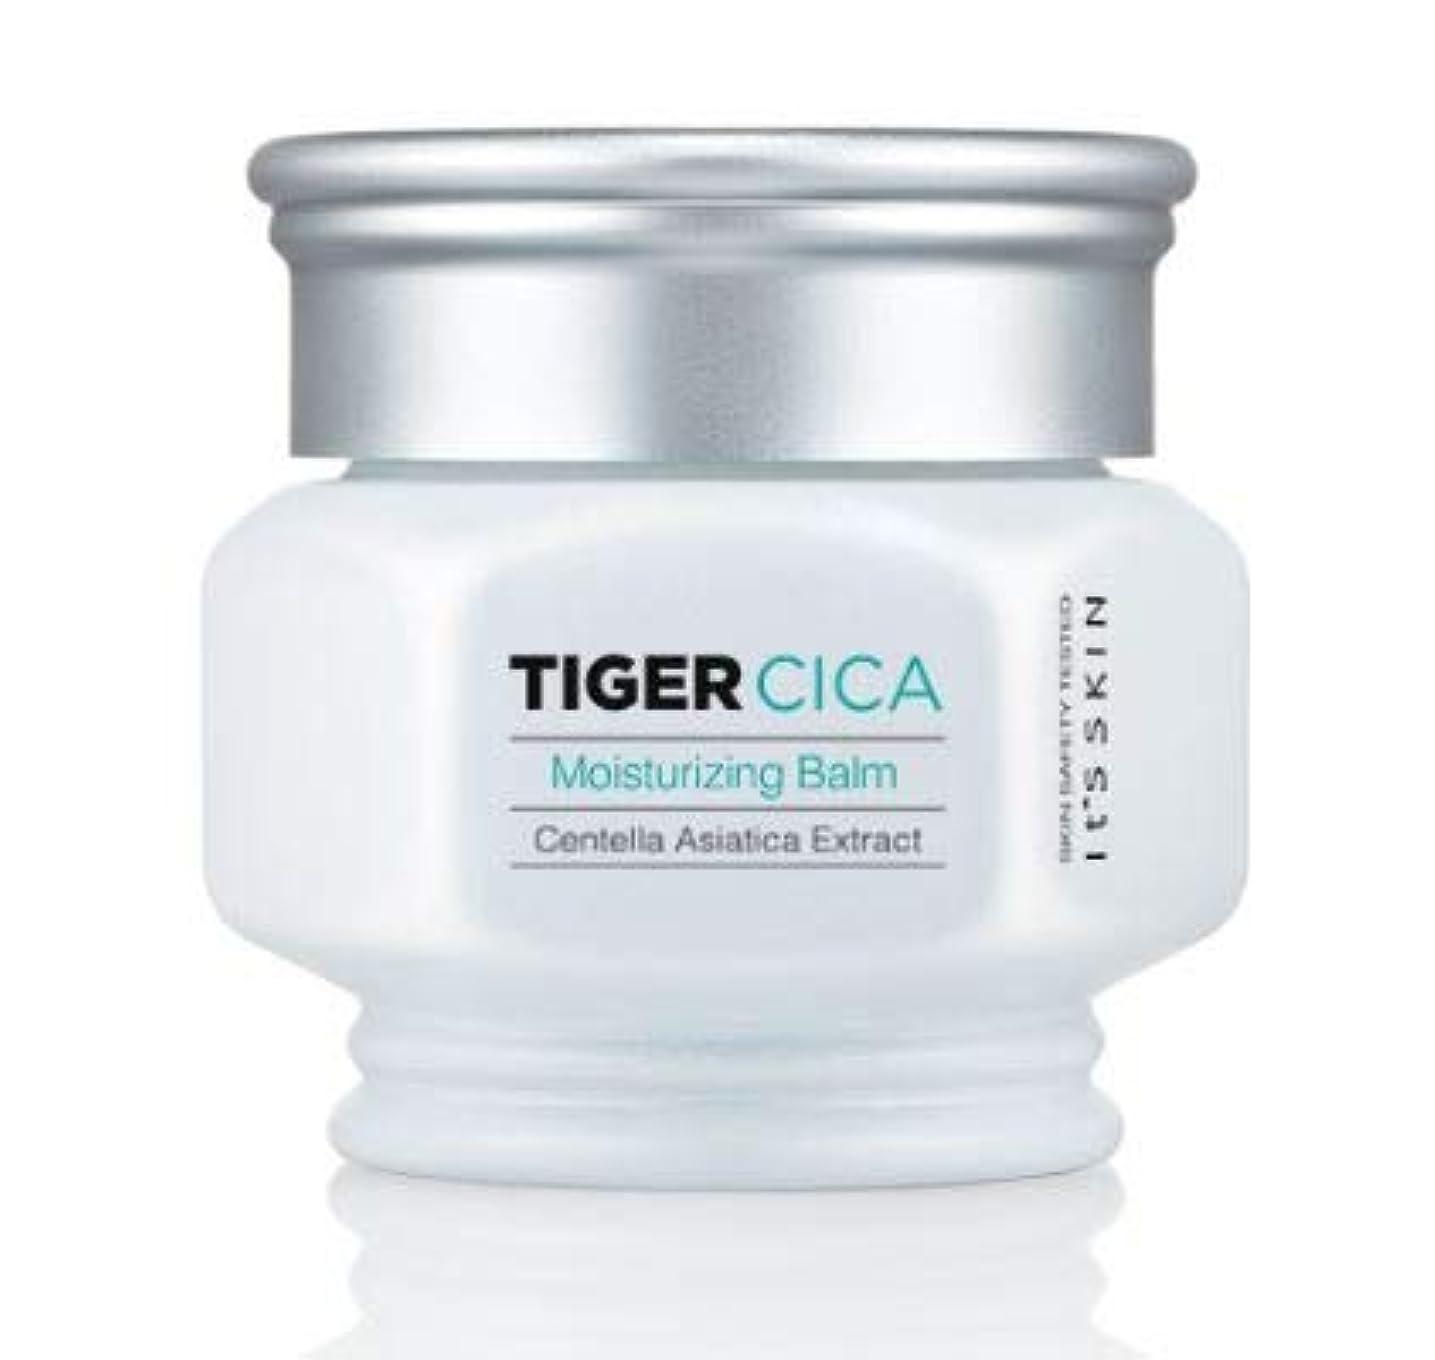 クレタグラフィックベテラン[It's Skin] Tiger Cica Moisturizing Balm 50ml /[イッツスキン] タイガーシカ モイスチャライジング バーム 50ml [並行輸入品]